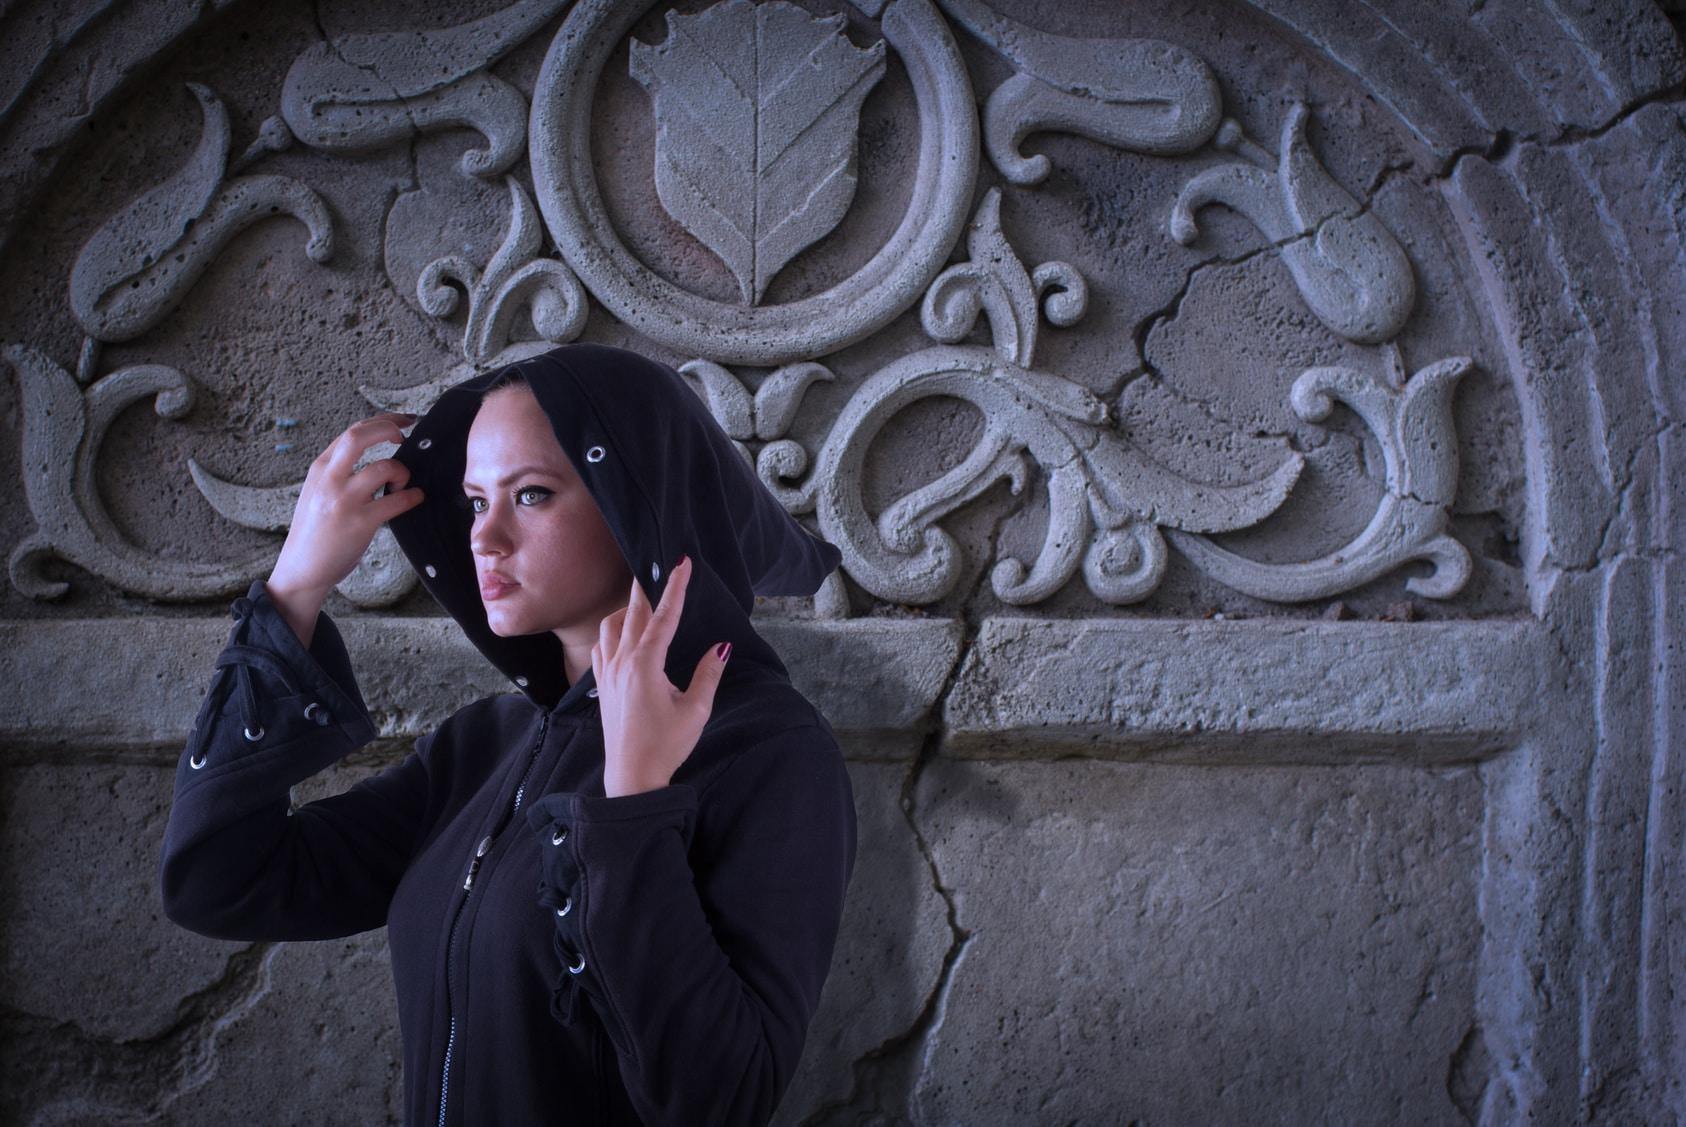 Eine junge Frau steht vor einer Klostermauer und hebt ihre Kaputze mit beiden Händen hoch. Durch den Aufenthalt in einem Kloster und den Ausdruck ihrer Gesichtsmimik hat sie deutlich mehr Selbstbewusstsein bekommen. Sie ist bekleidet mit einer schwarzen Kaputzenjacke.